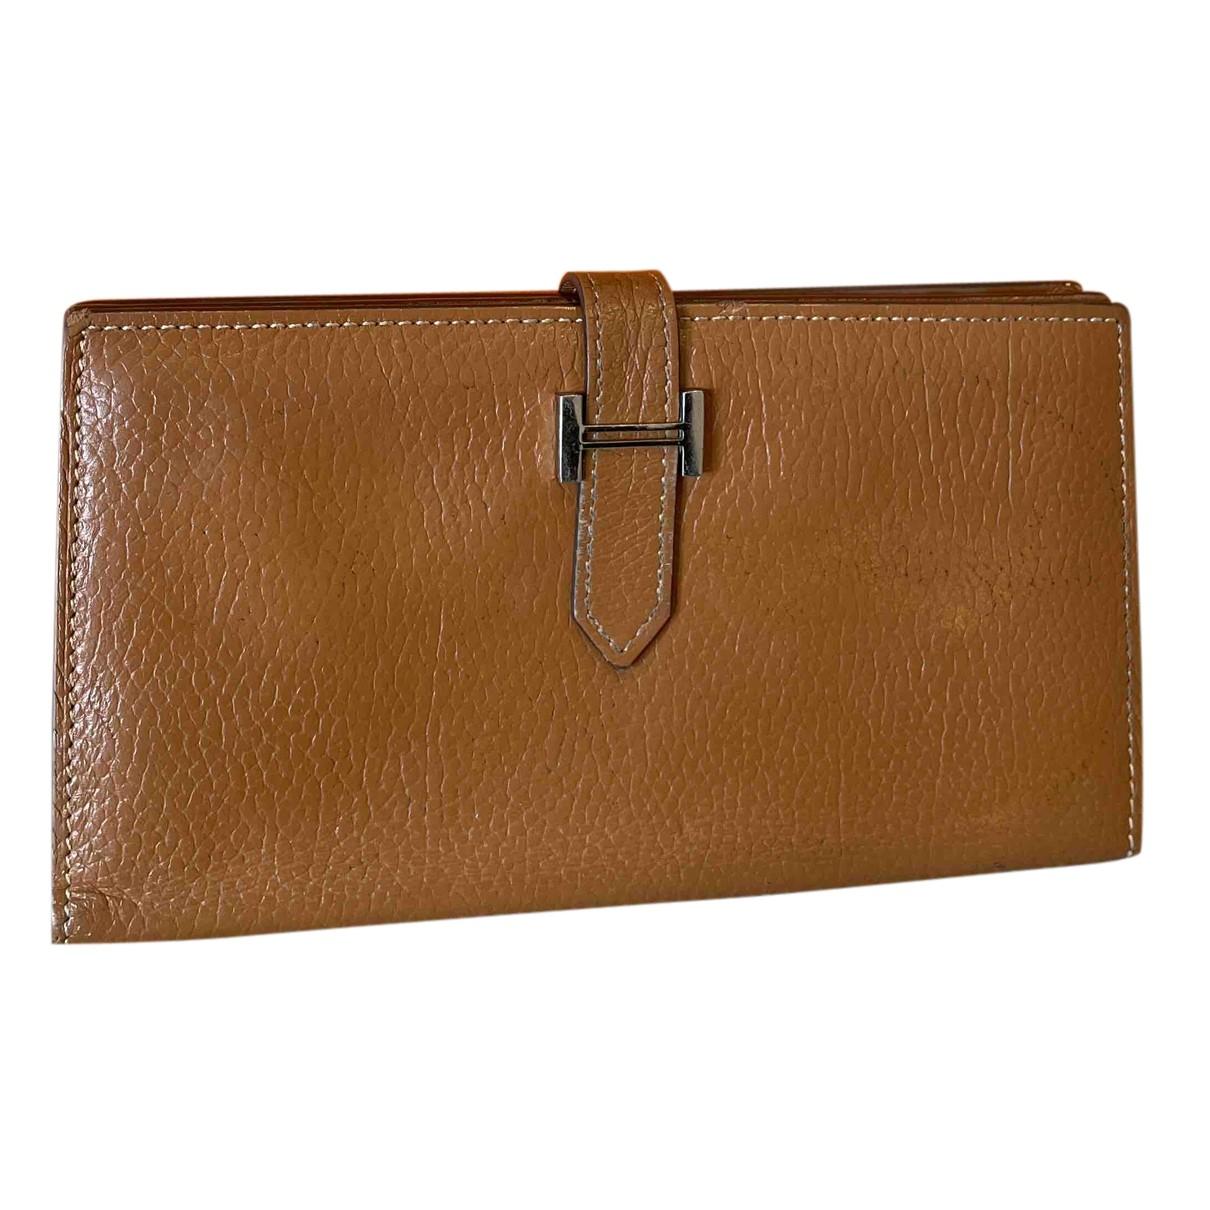 Hermes - Portefeuille Bearn pour femme en cuir - dore